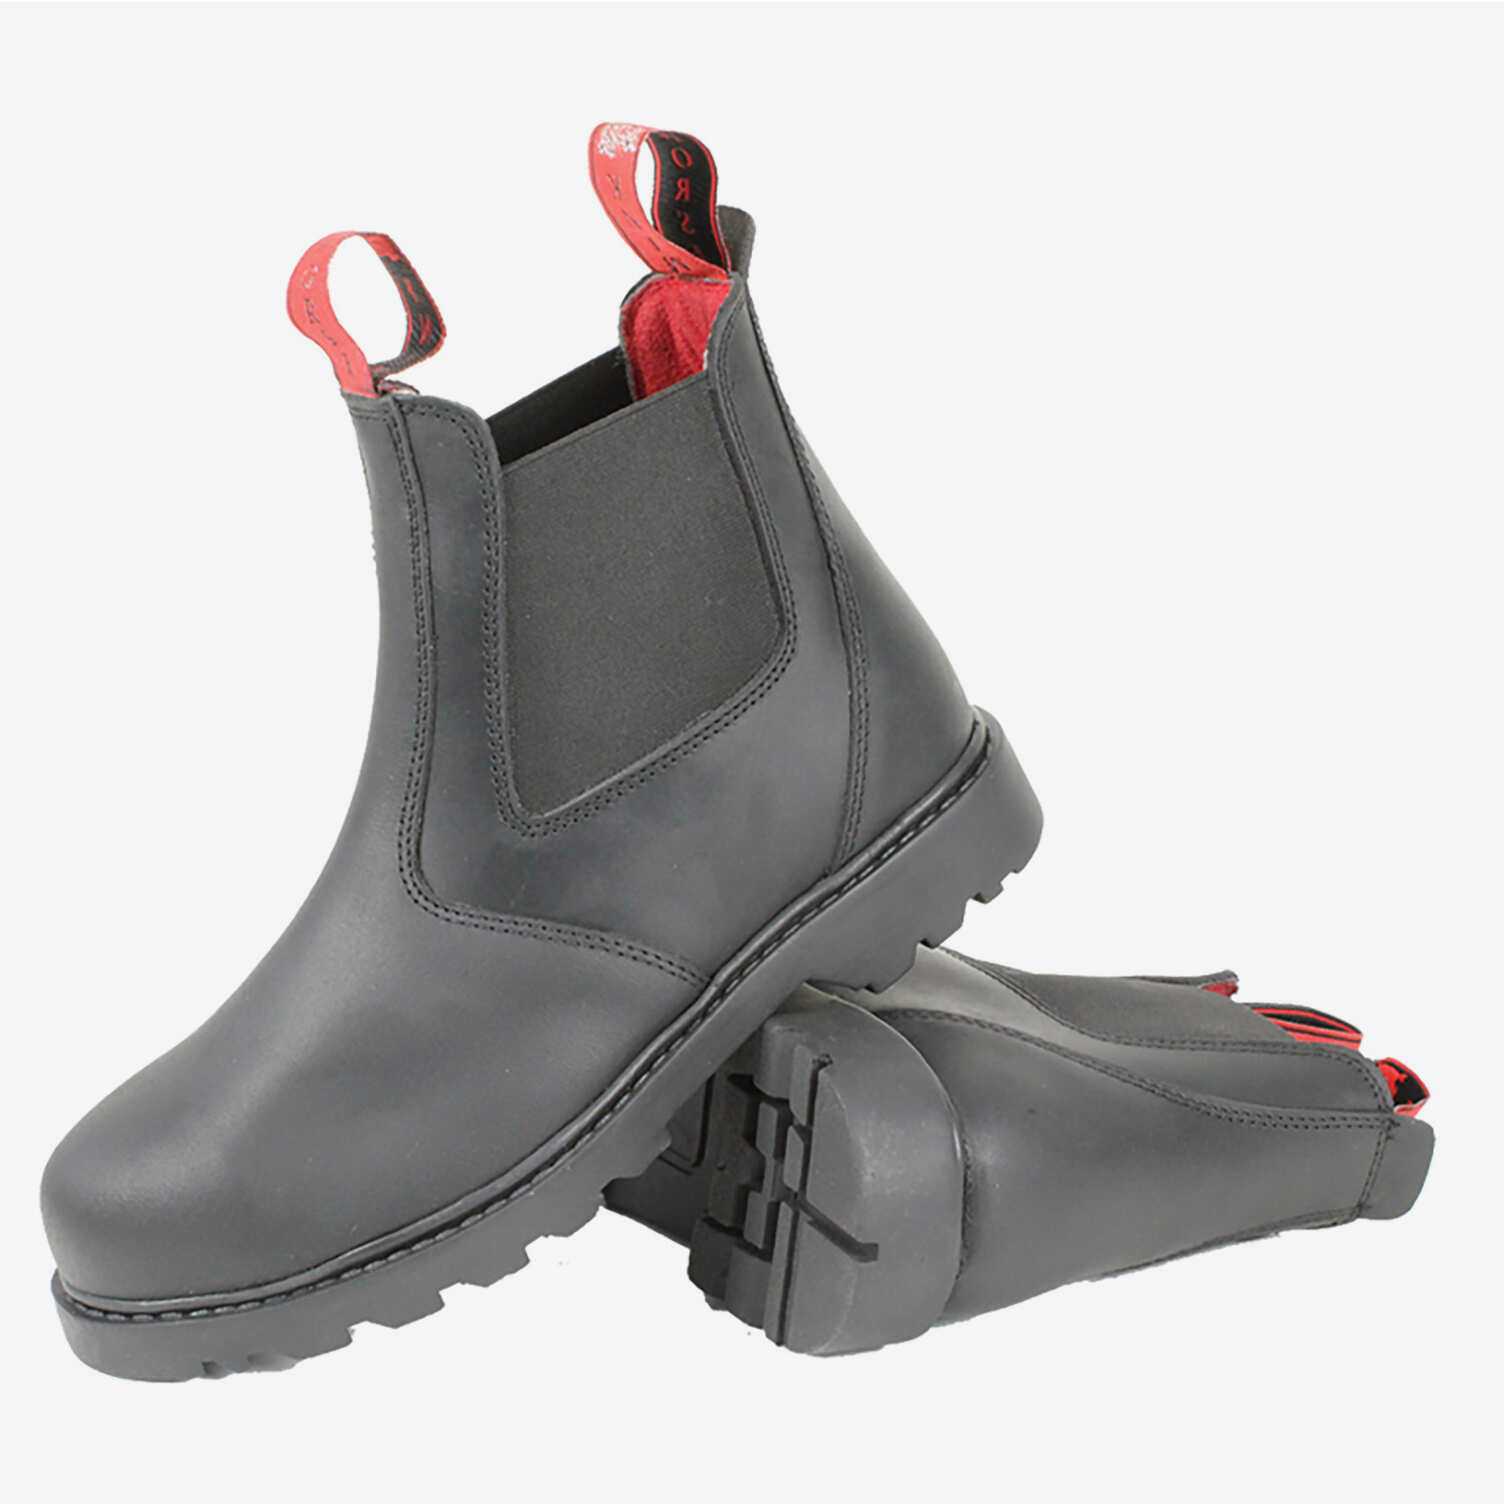 c6d7022a560 Mink Horse Stald / Arbejdsstøvle af kraftigt vandtæt læder/ stål næse |  Horze